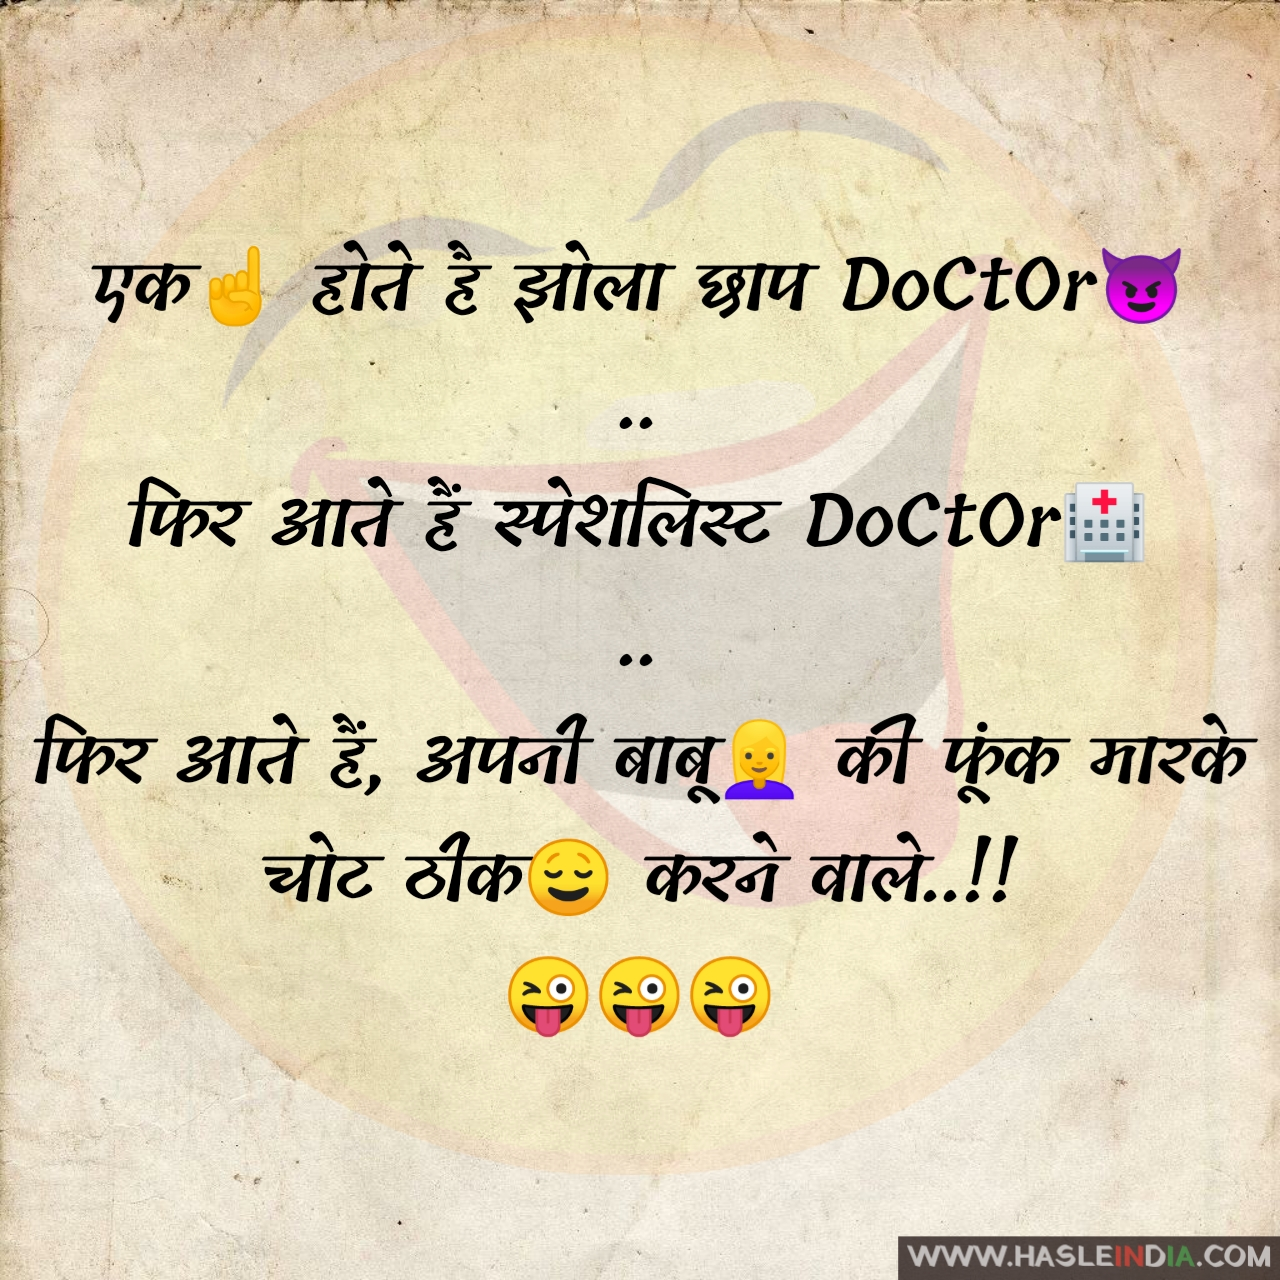 boyfriend girlfriend jokes, boyfriend girlfriend jokes in hindi, funny hindi jokes, Hindi jokes, hindi chutkule, hindi joke sms, hindi jokes pic, hindi jokes images, Hasle india,